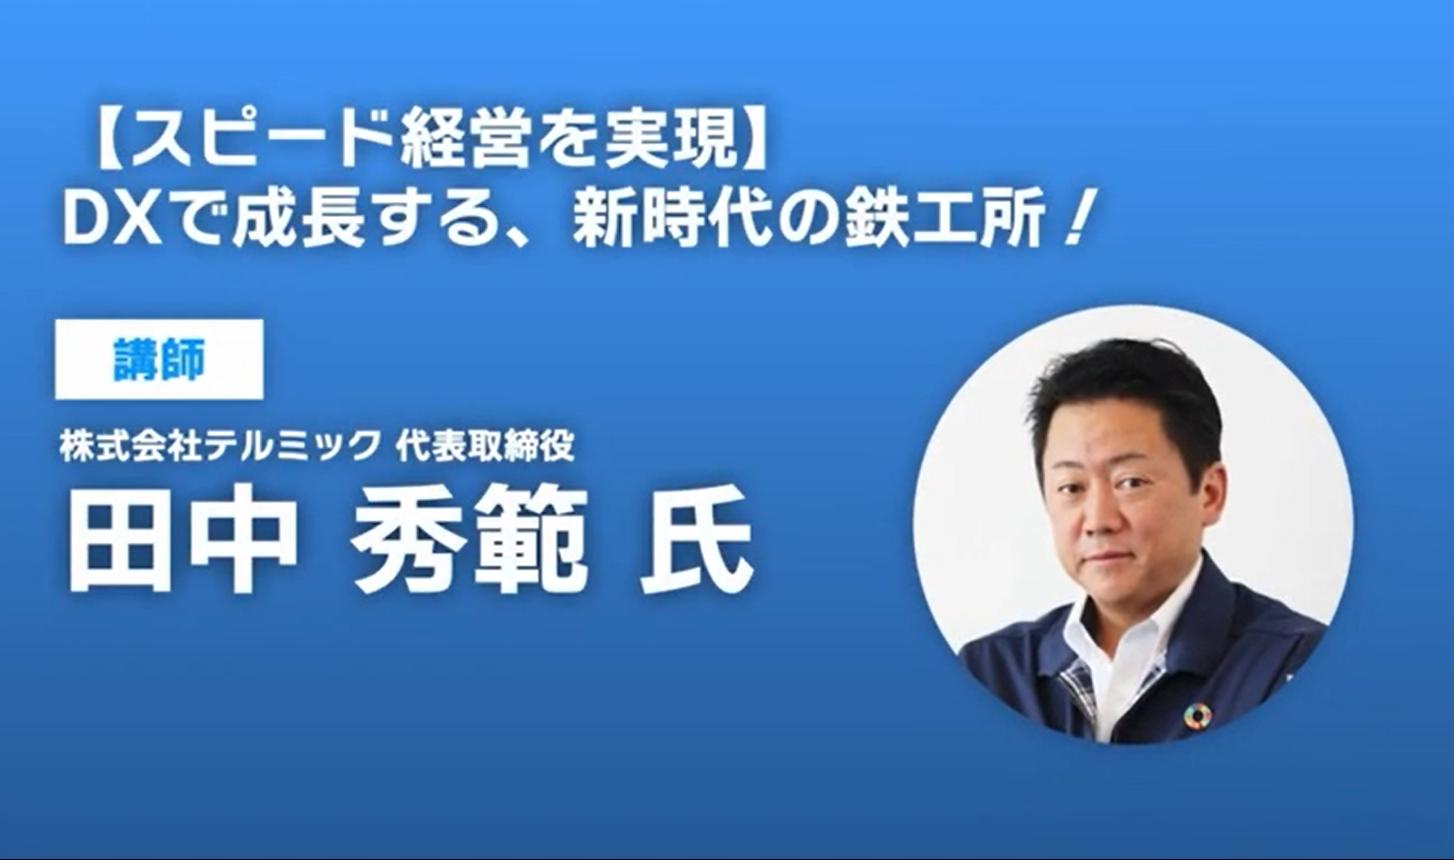 【2021年11月10日オンライン講演情報】島根デジタルフォーラム2021